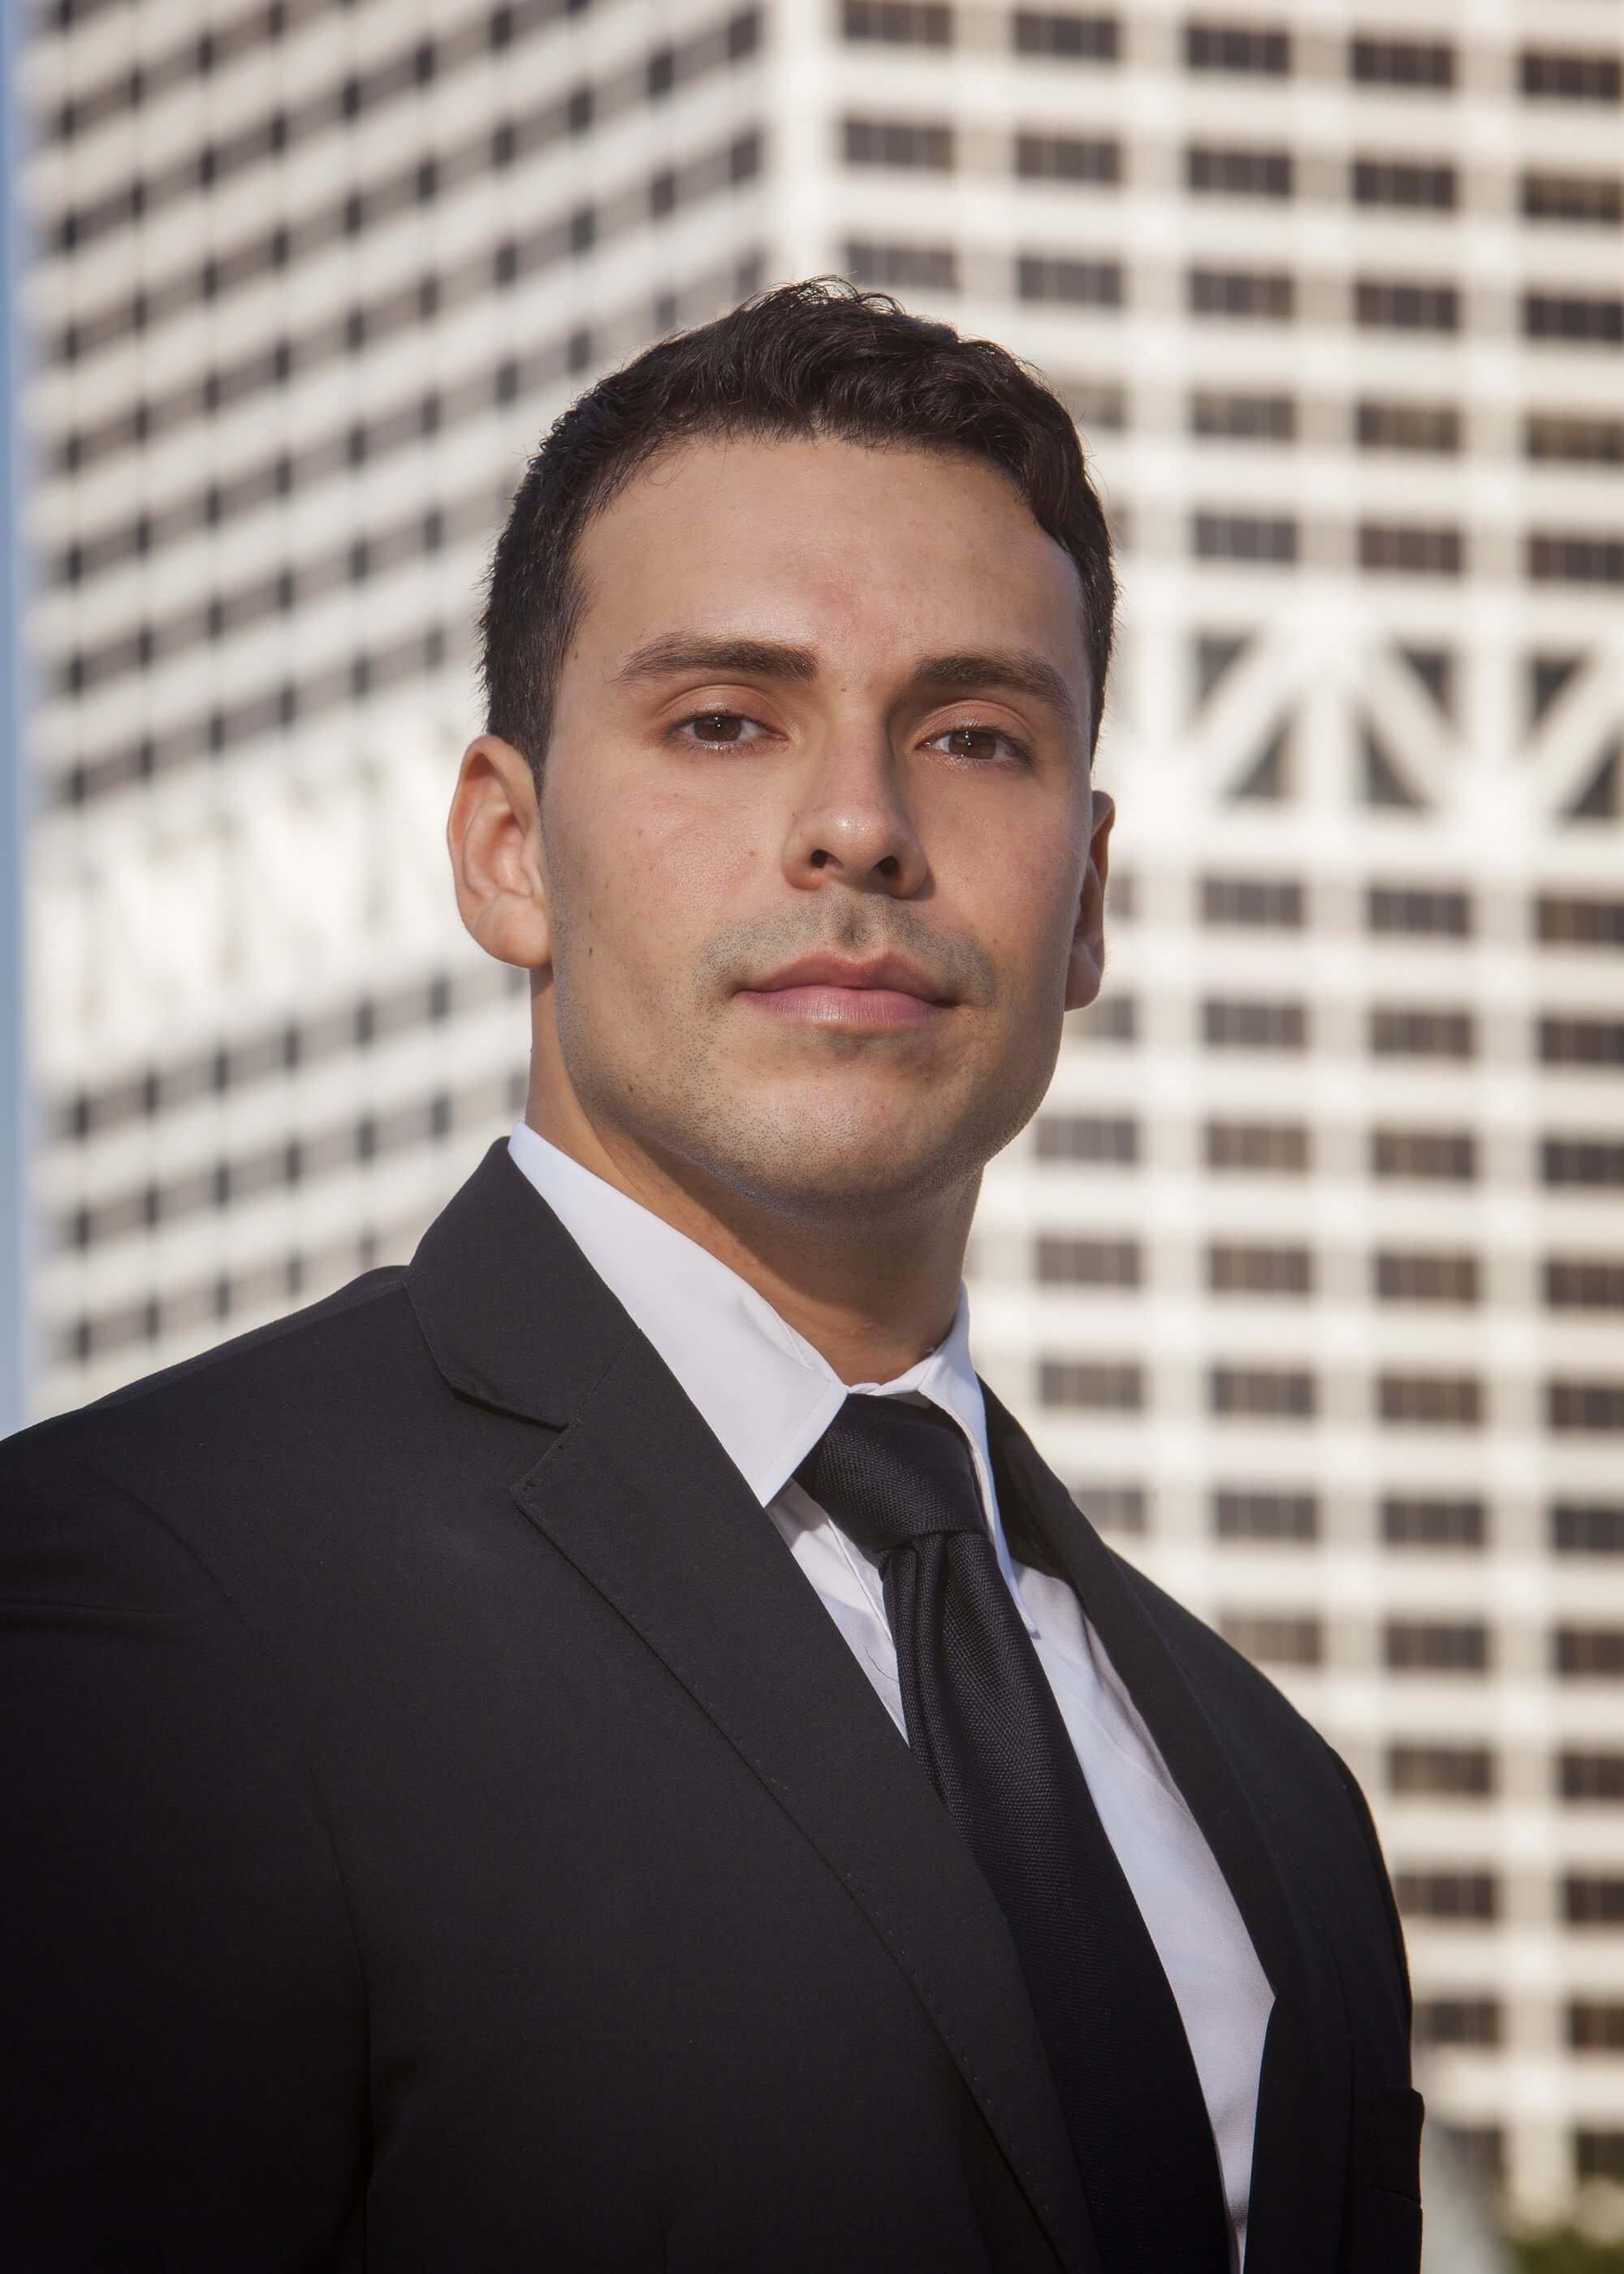 Marcus Ruiz